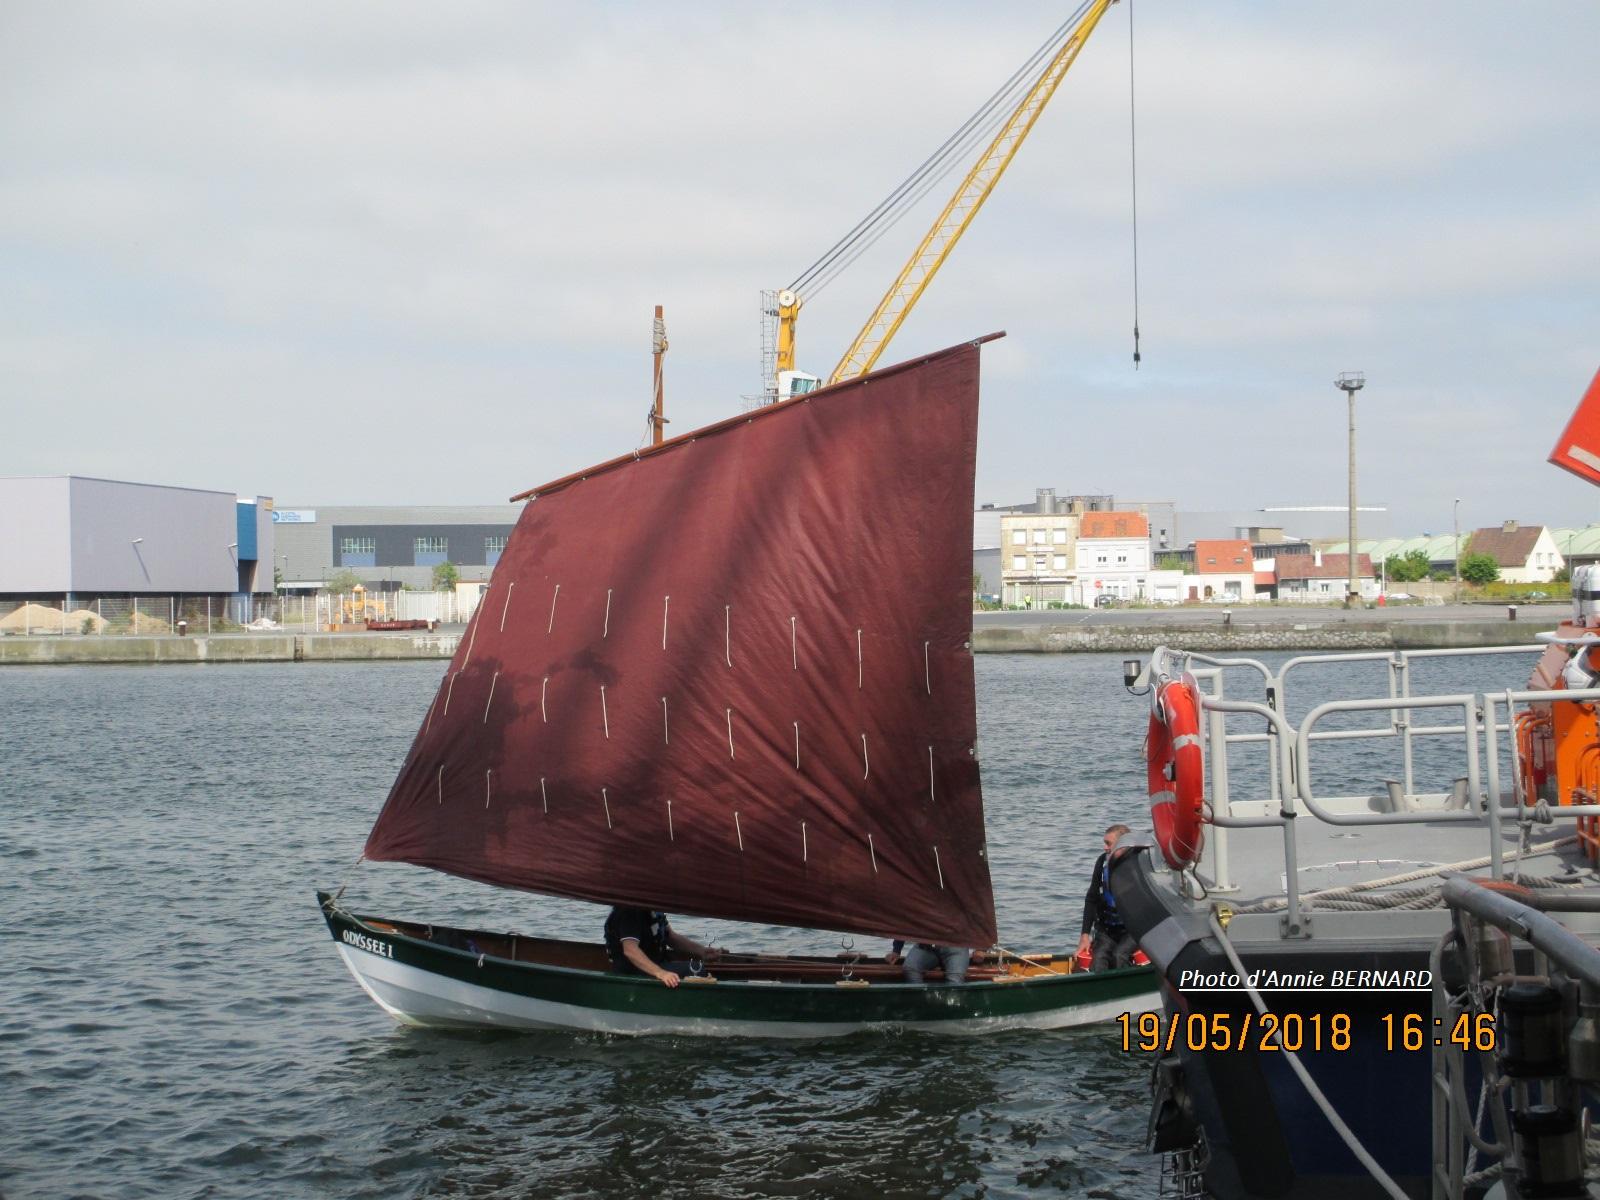 Petite barque à voile